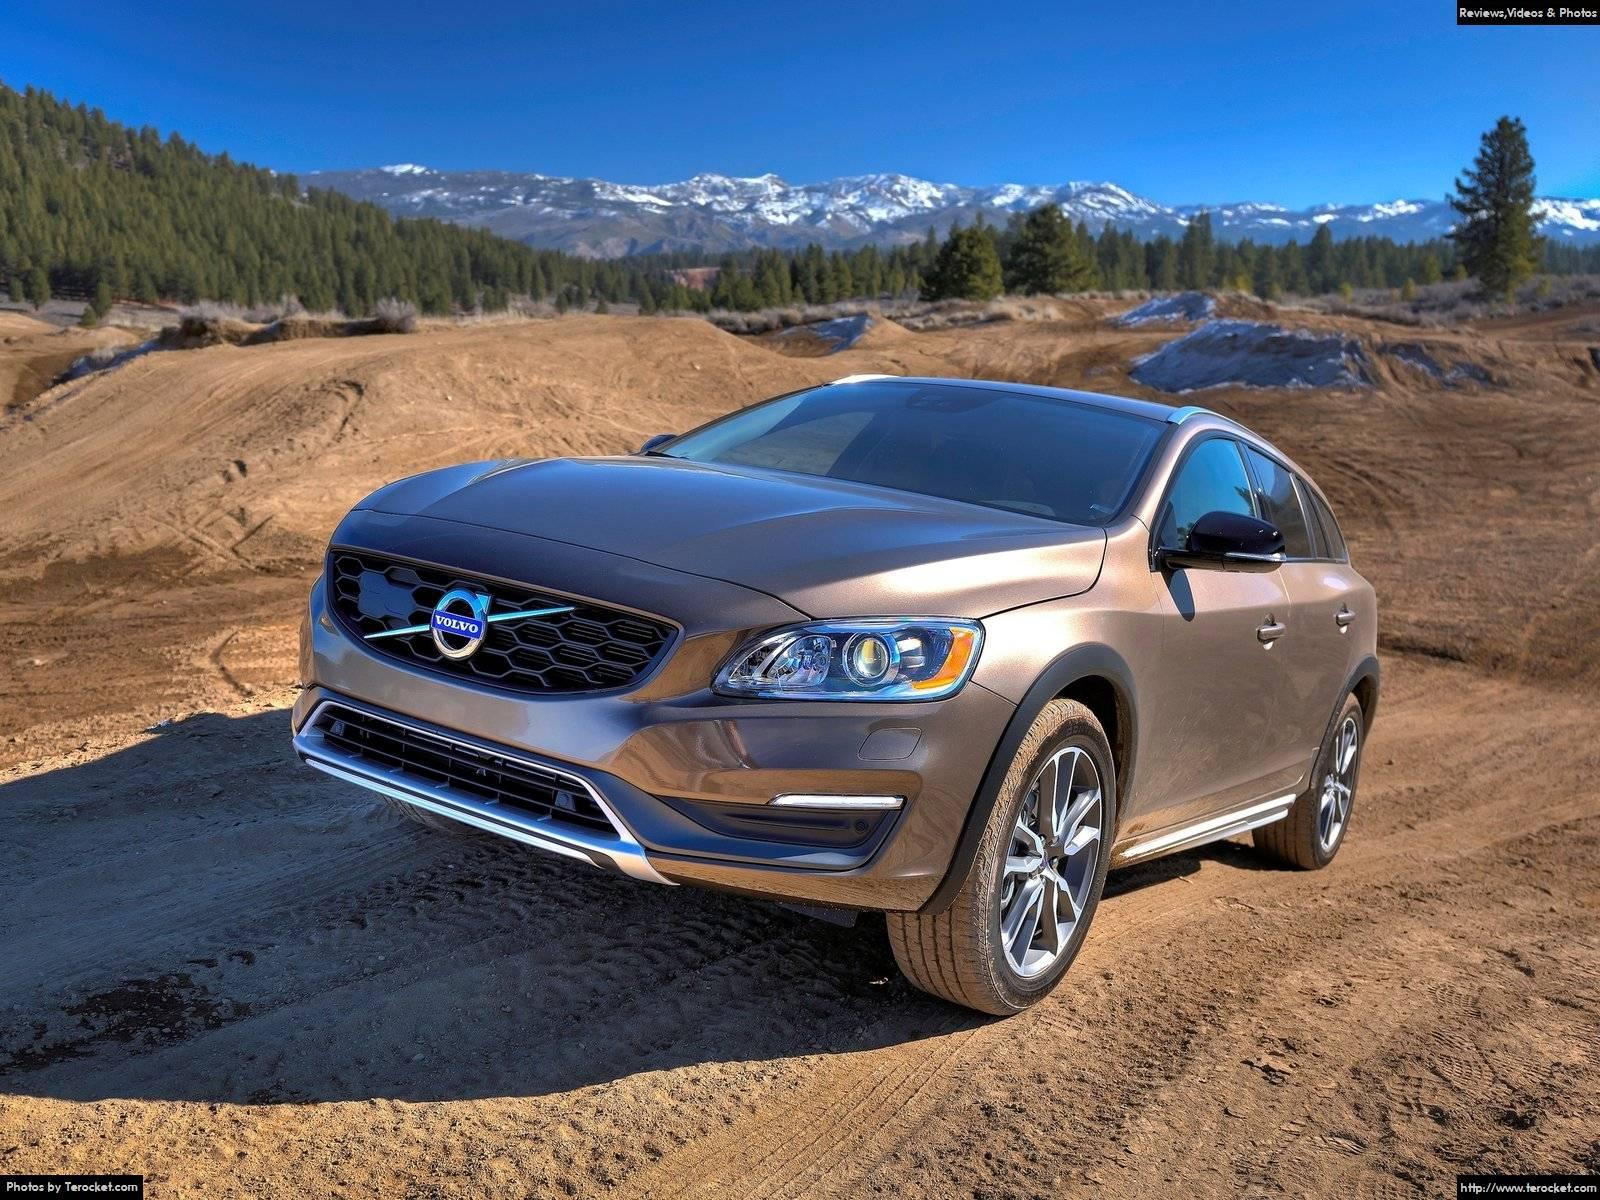 Hình ảnh xe ô tô Volvo V60 Cross Country 2016 & nội ngoại thất